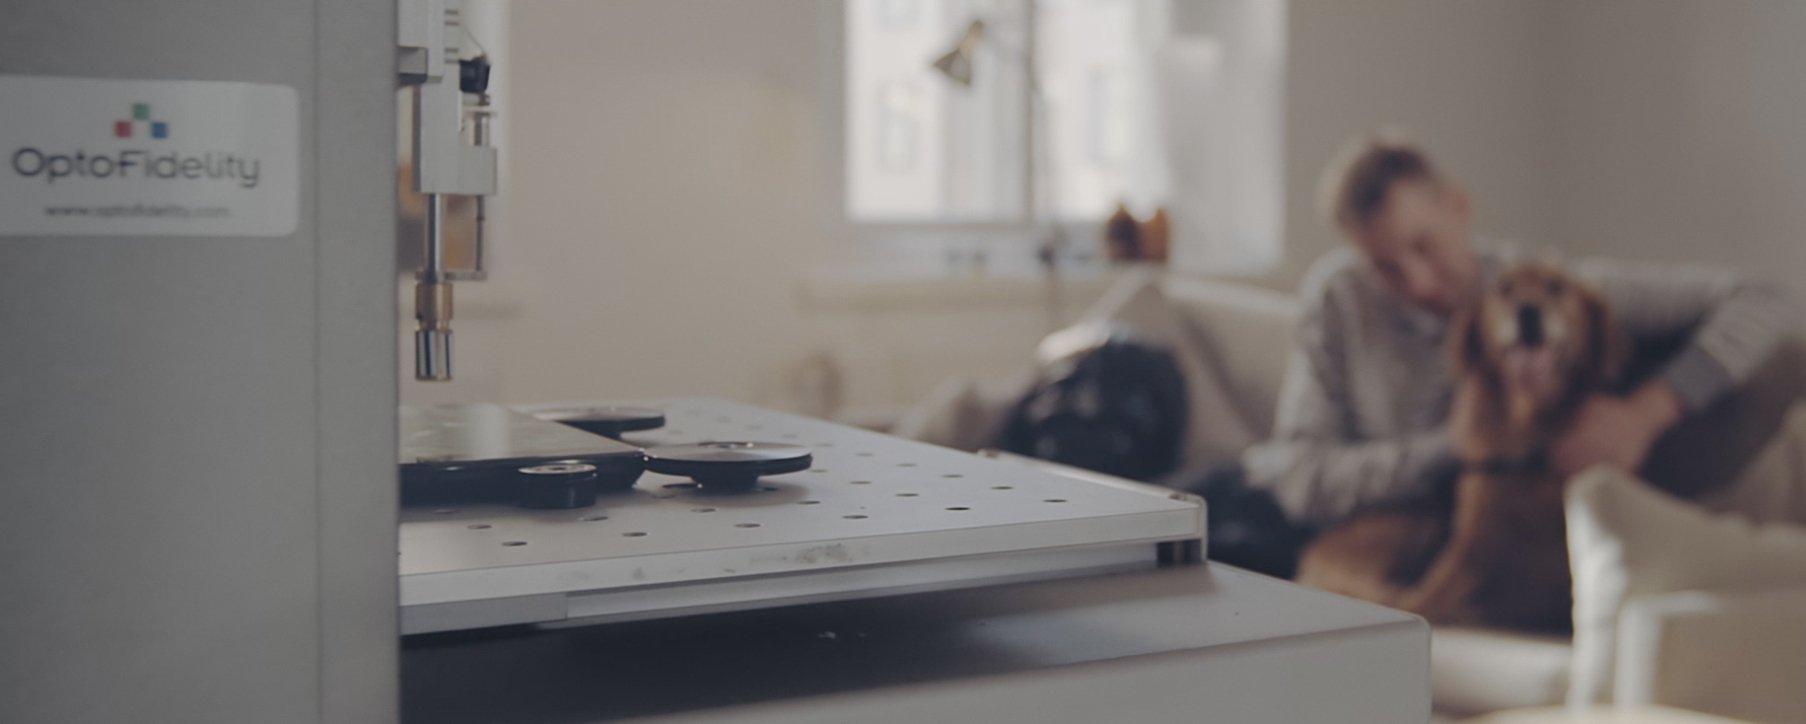 Robot+man+dog